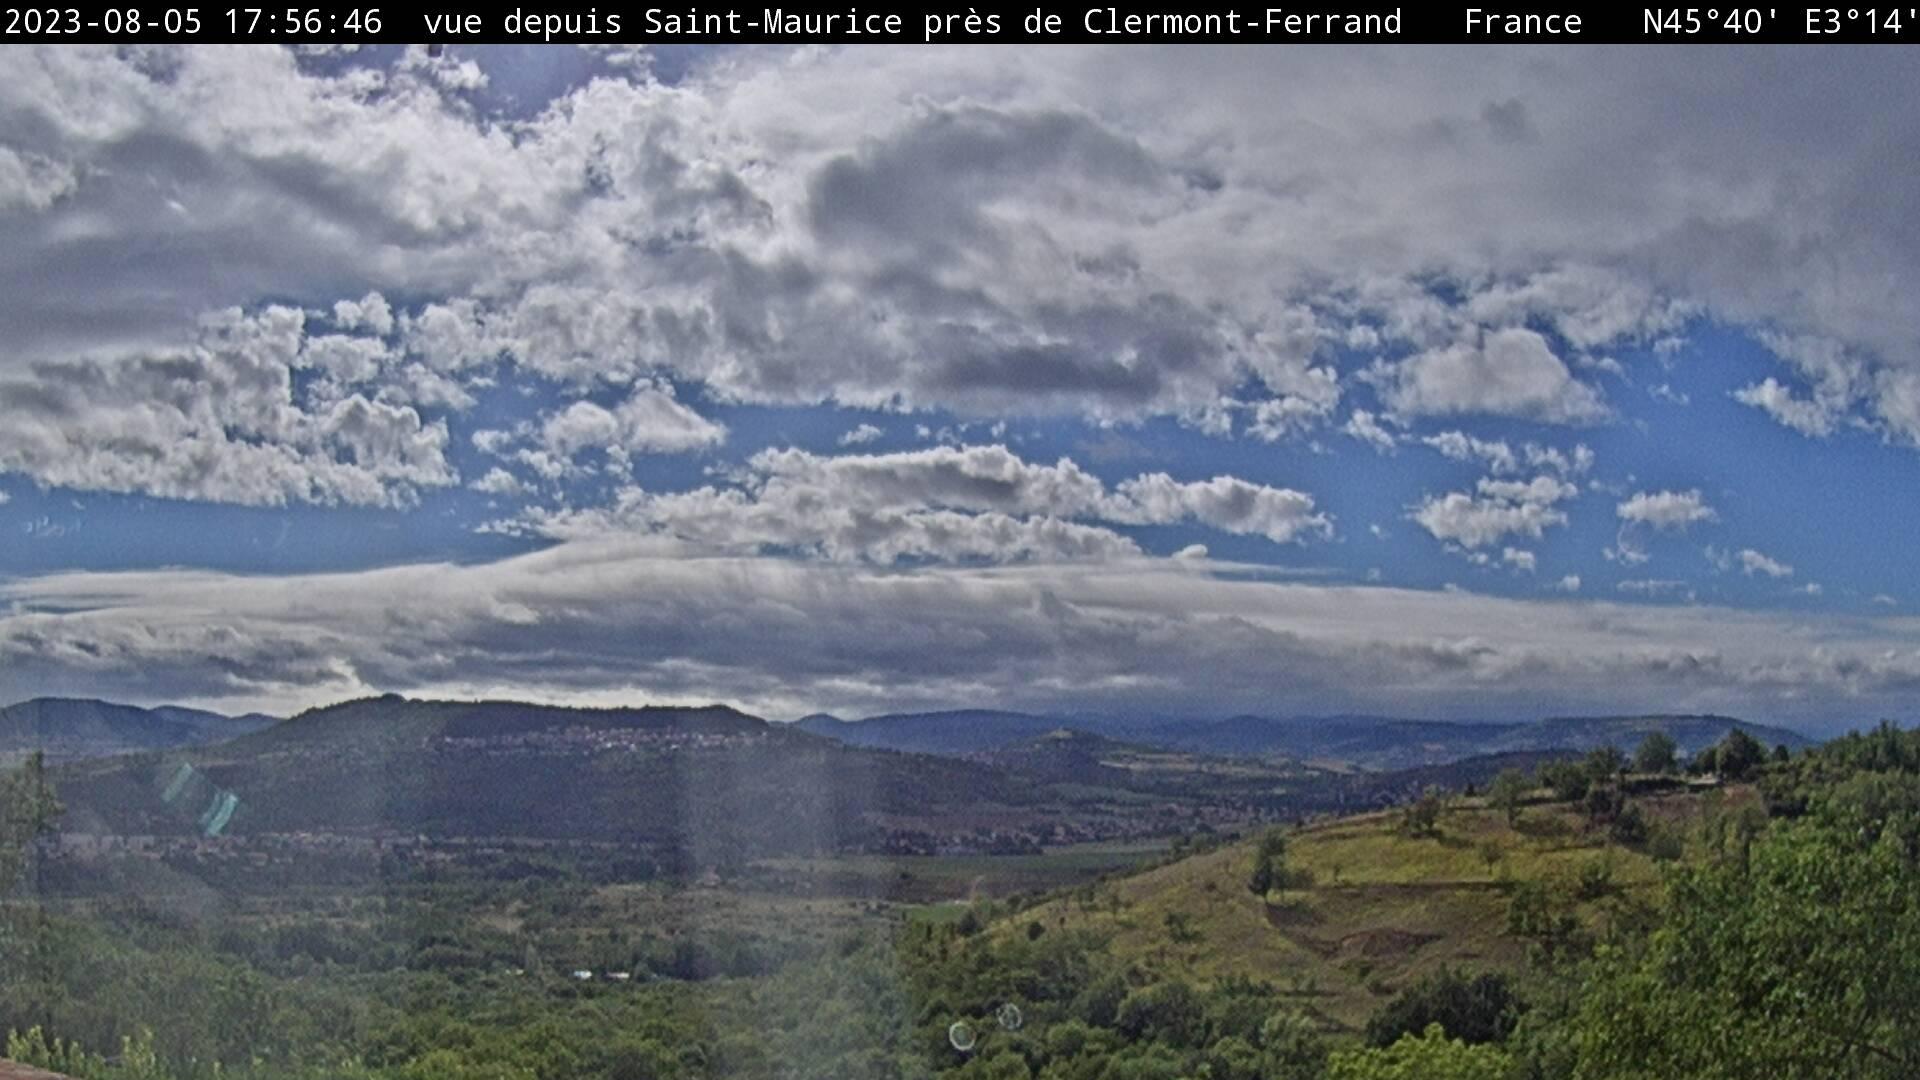 Saint-Maurice Sun. 17:57